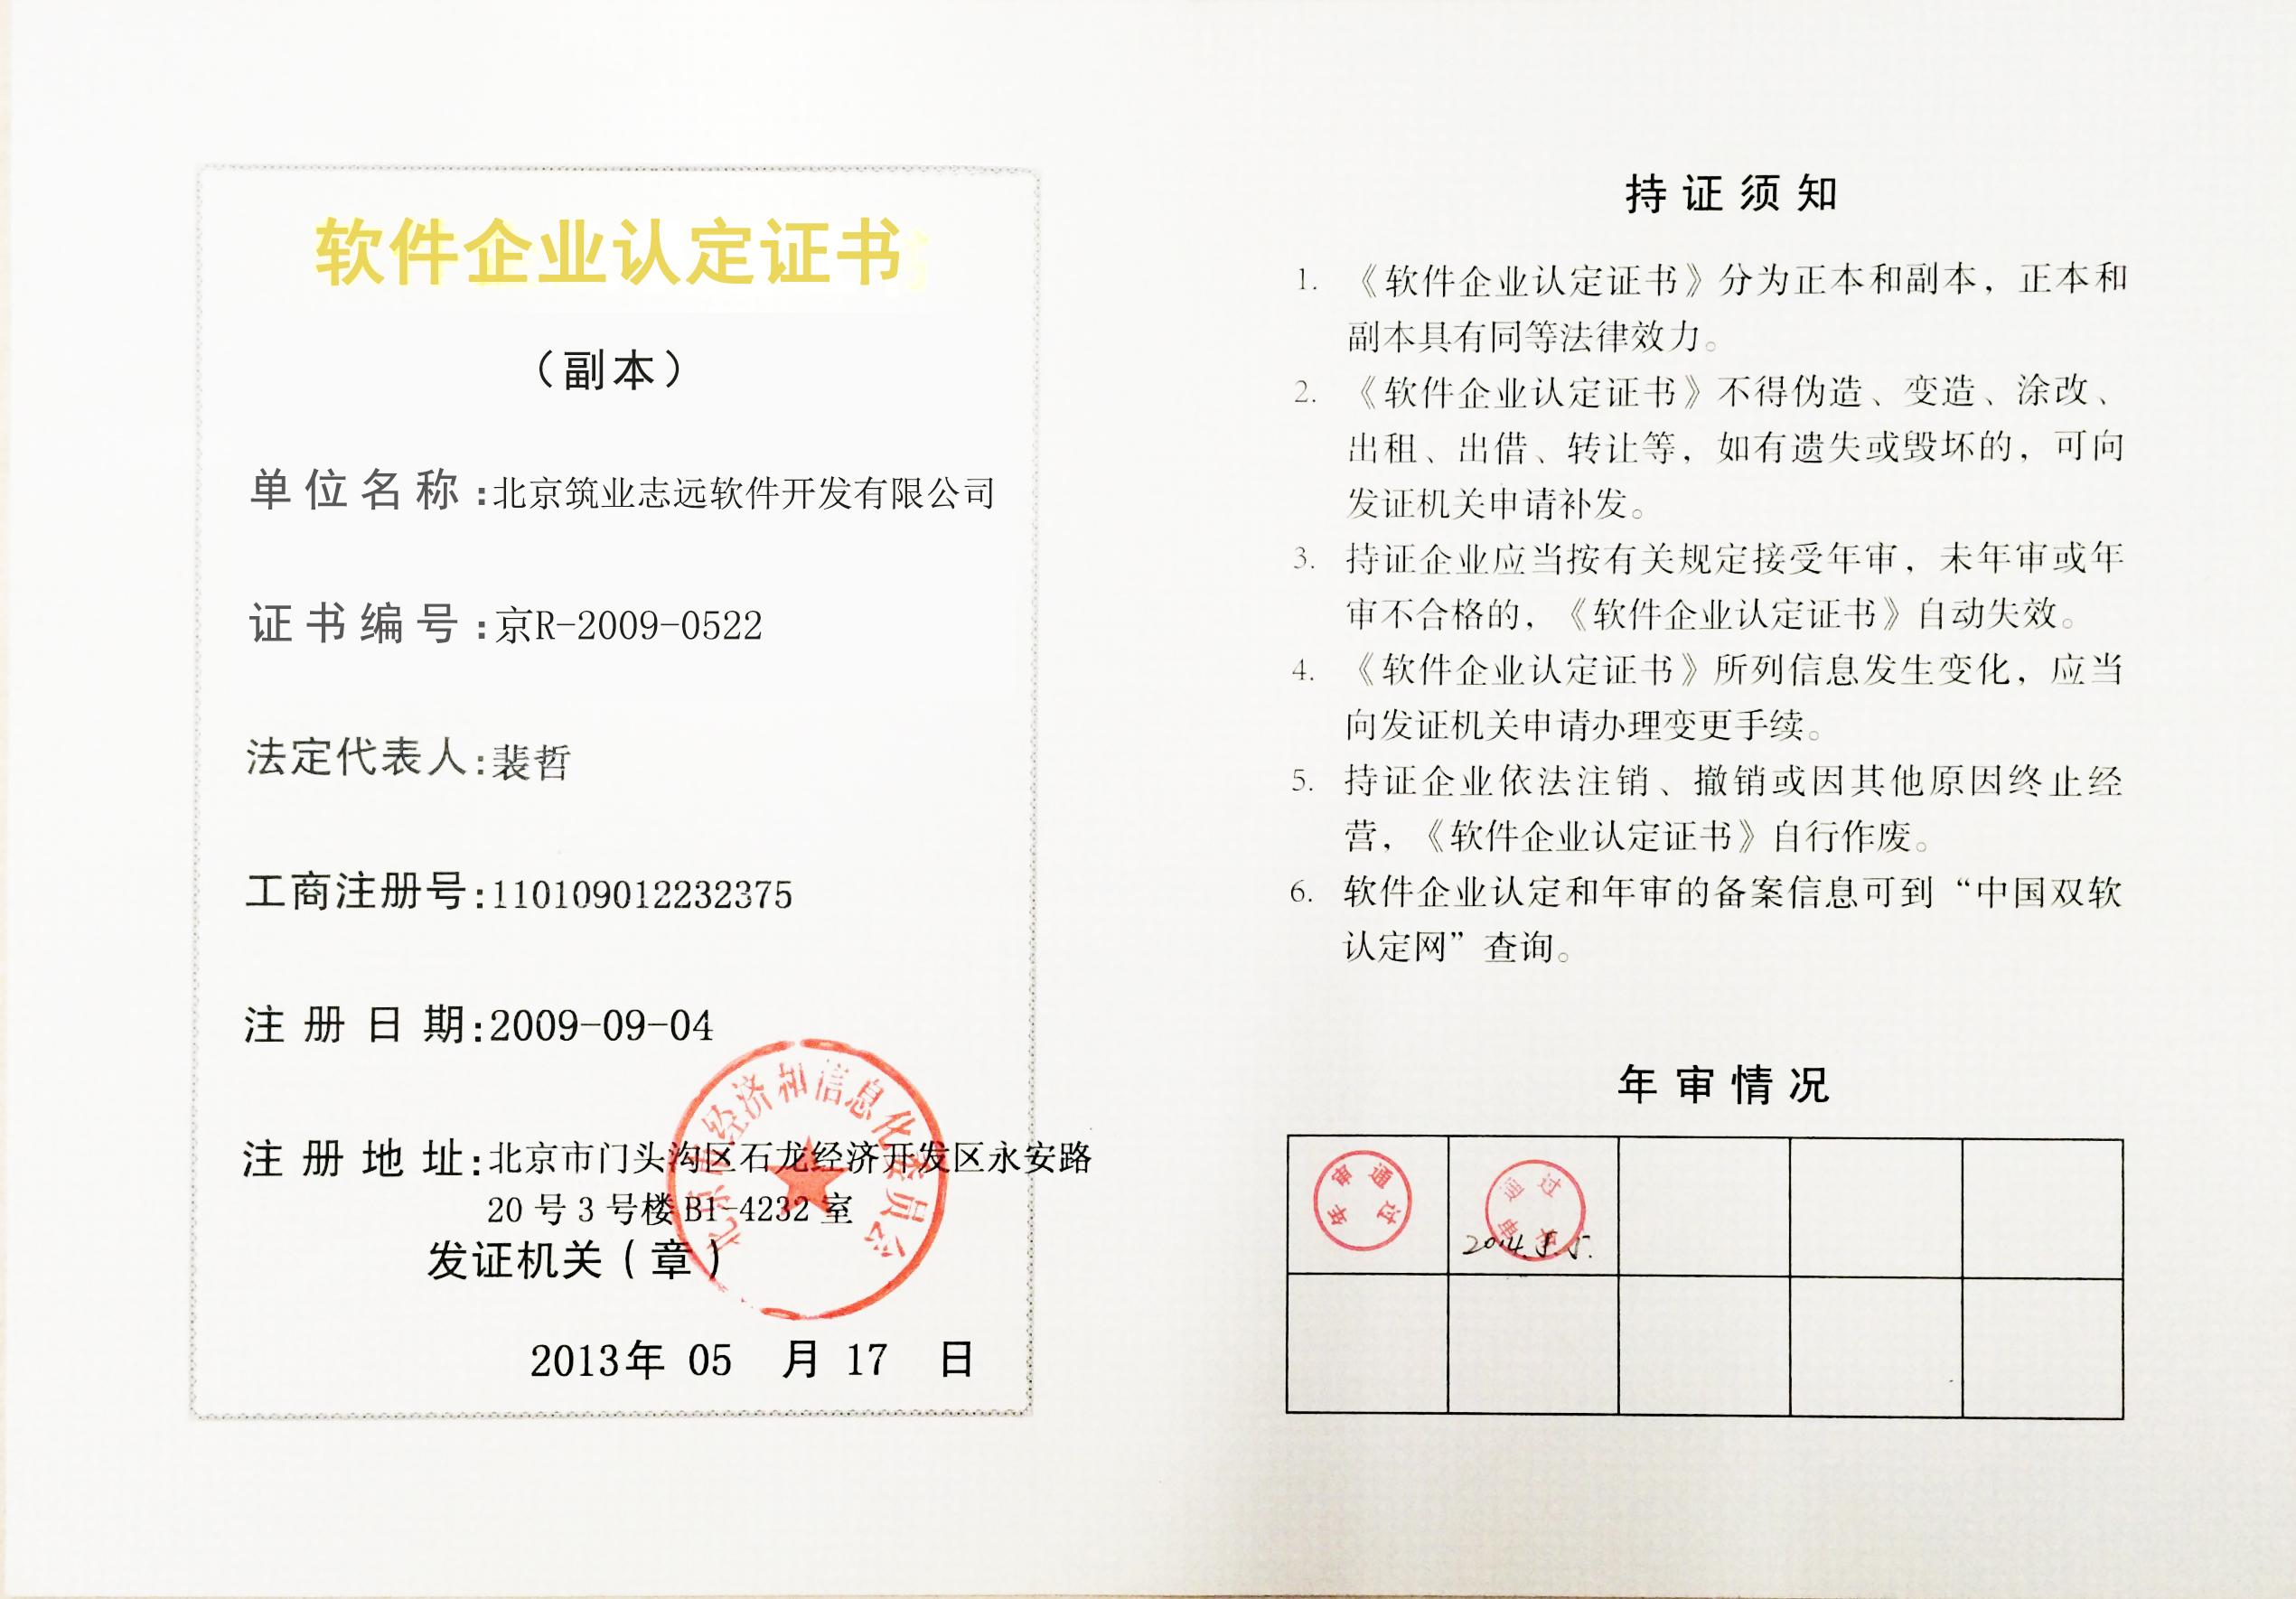 贝博ballbet苹果下载企业认定证书